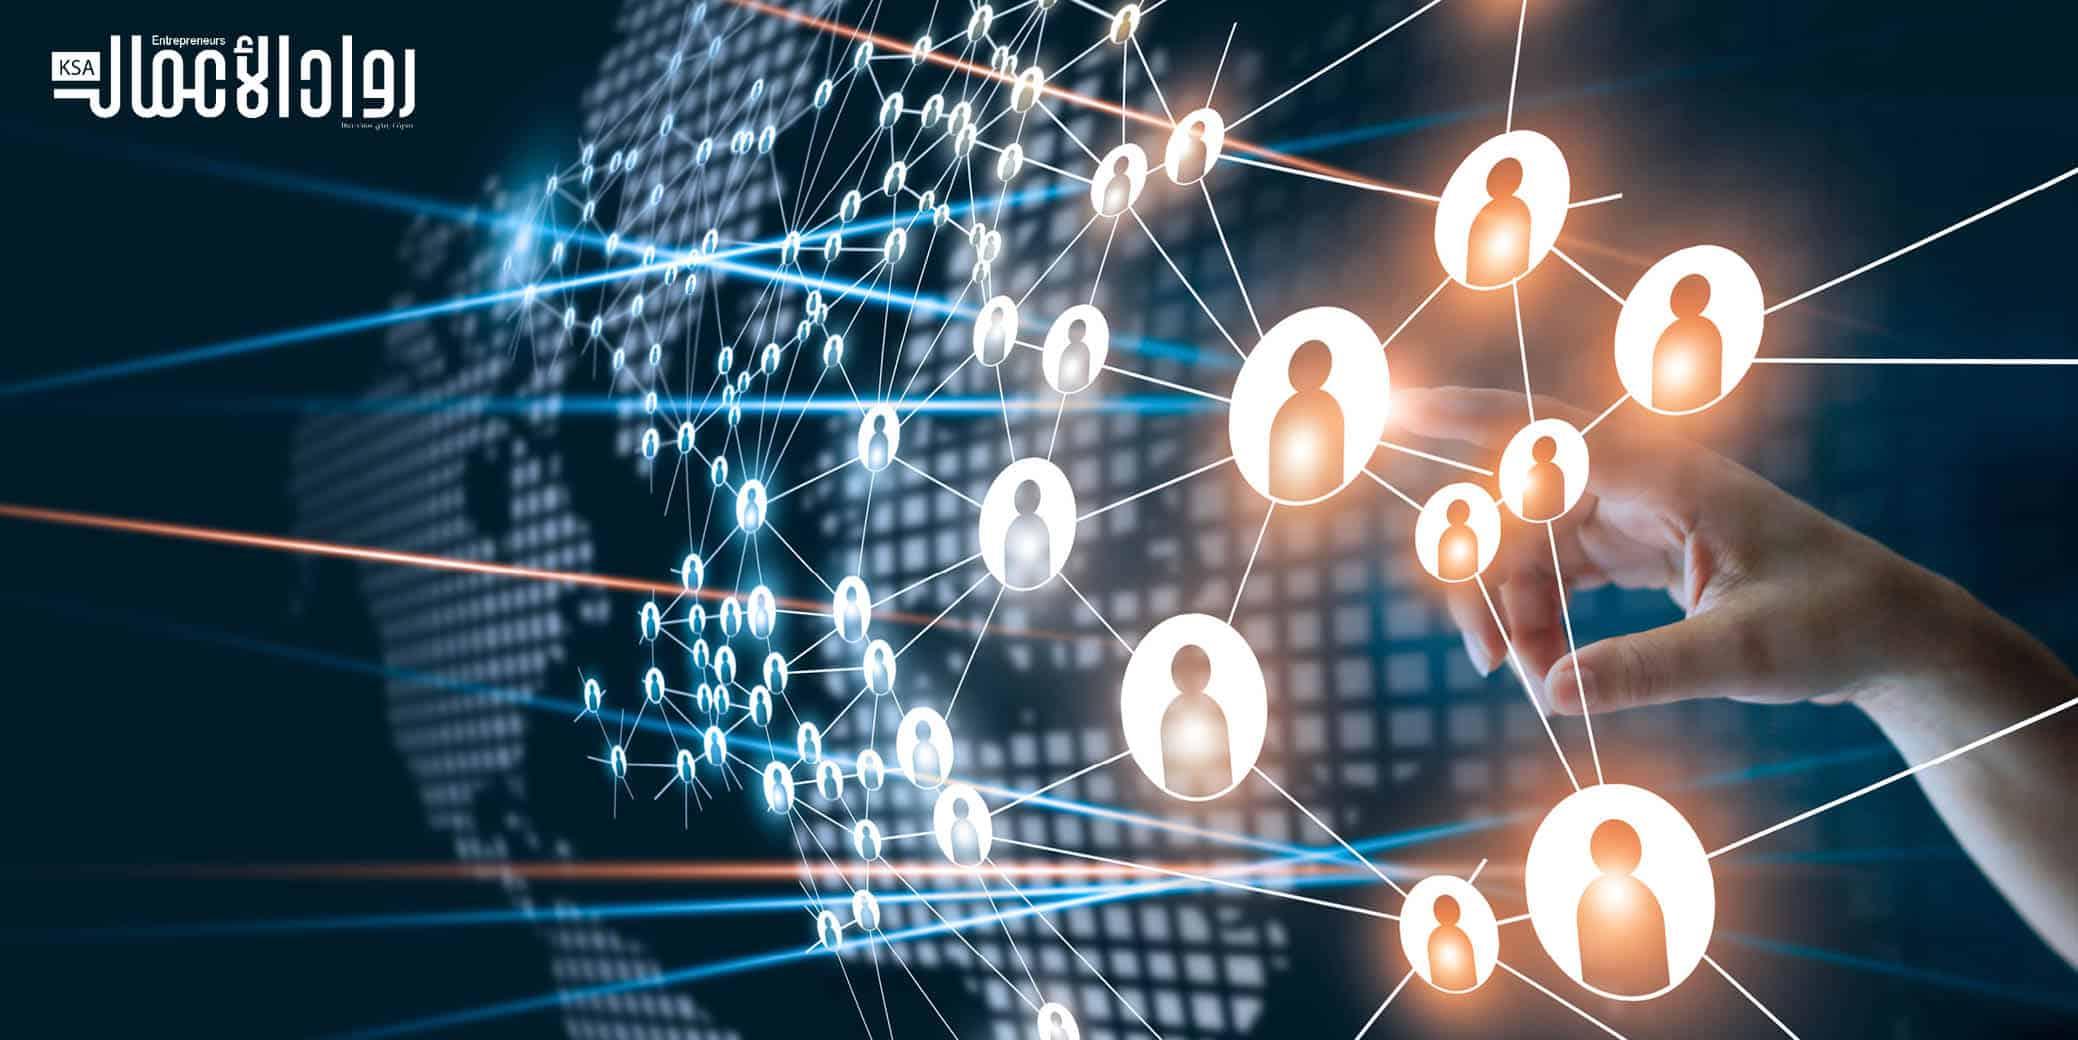 كيف تكون الشراكة في المشاريع الناشئة؟